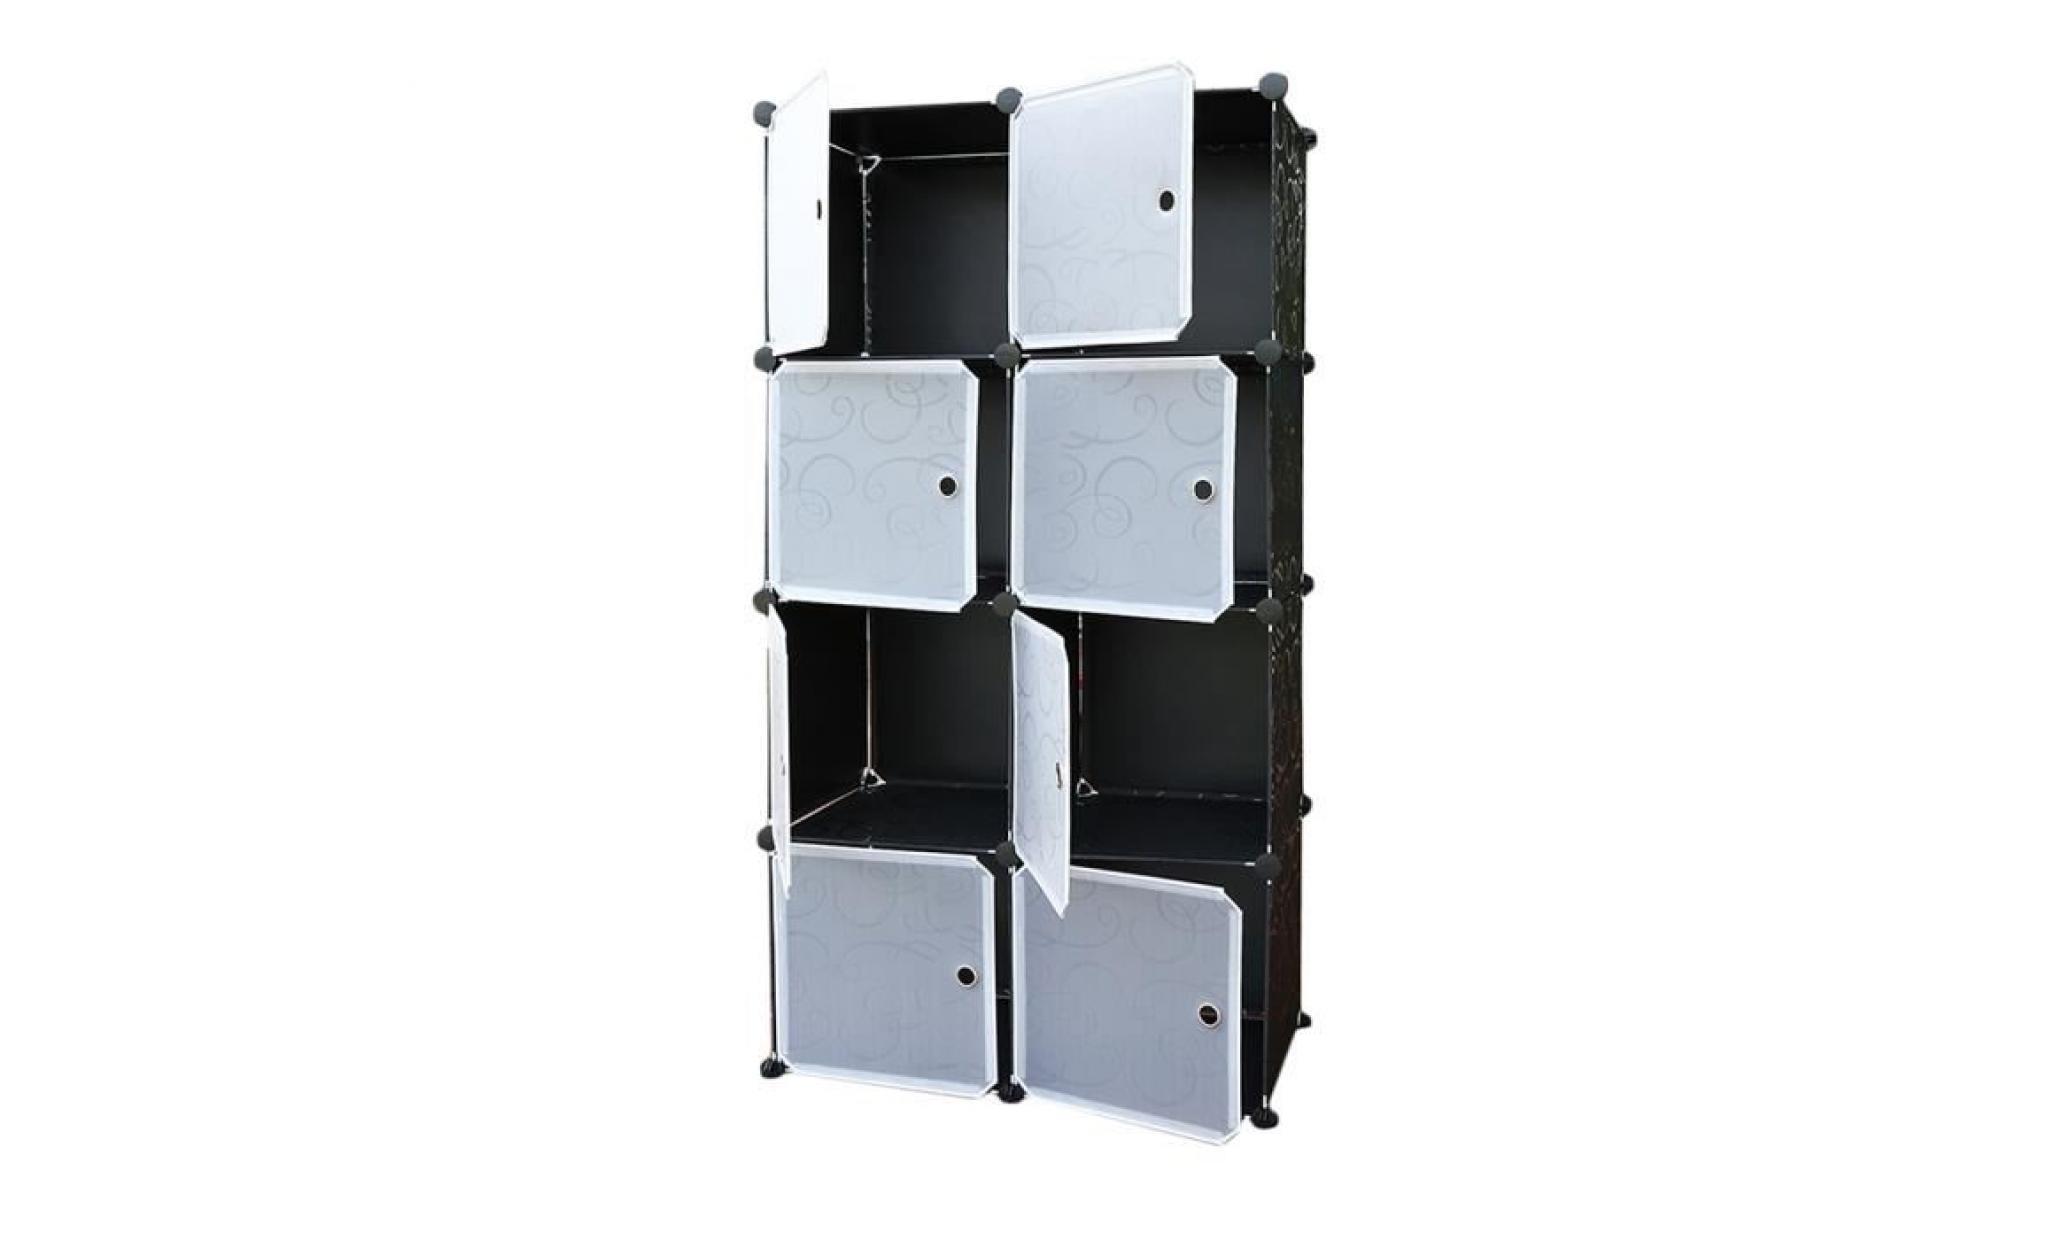 Armoire 8 Cubes Rangement En Plastique Achat Vente Armoire Pas Cher Couleur Et Design Fr